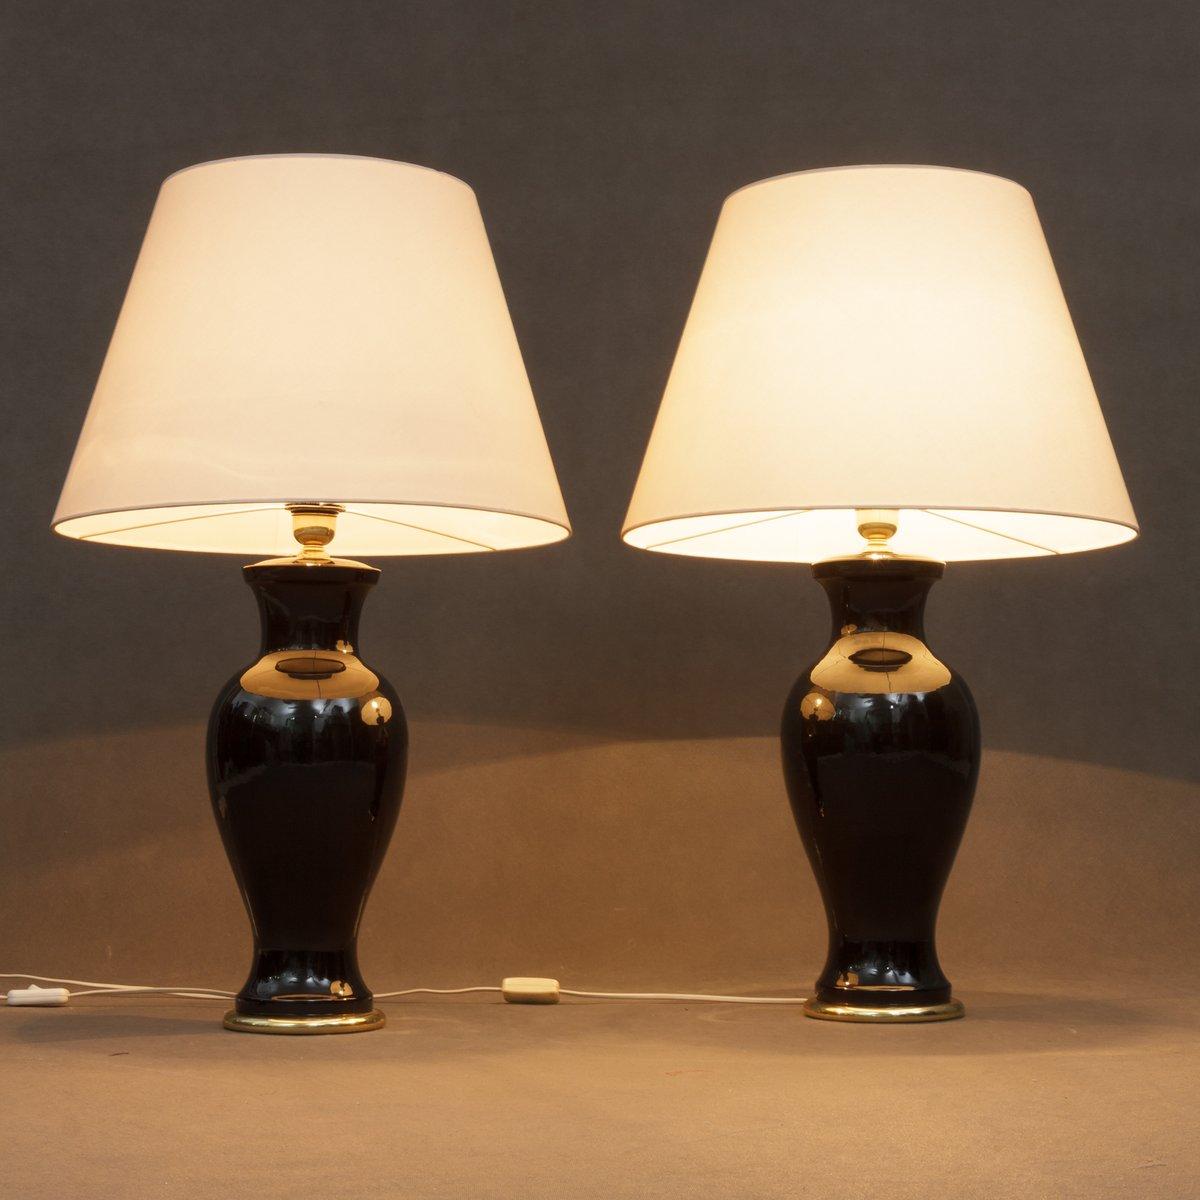 Italienische vintage tischlampen 2er set bei pamono kaufen for Tischlampen vintage